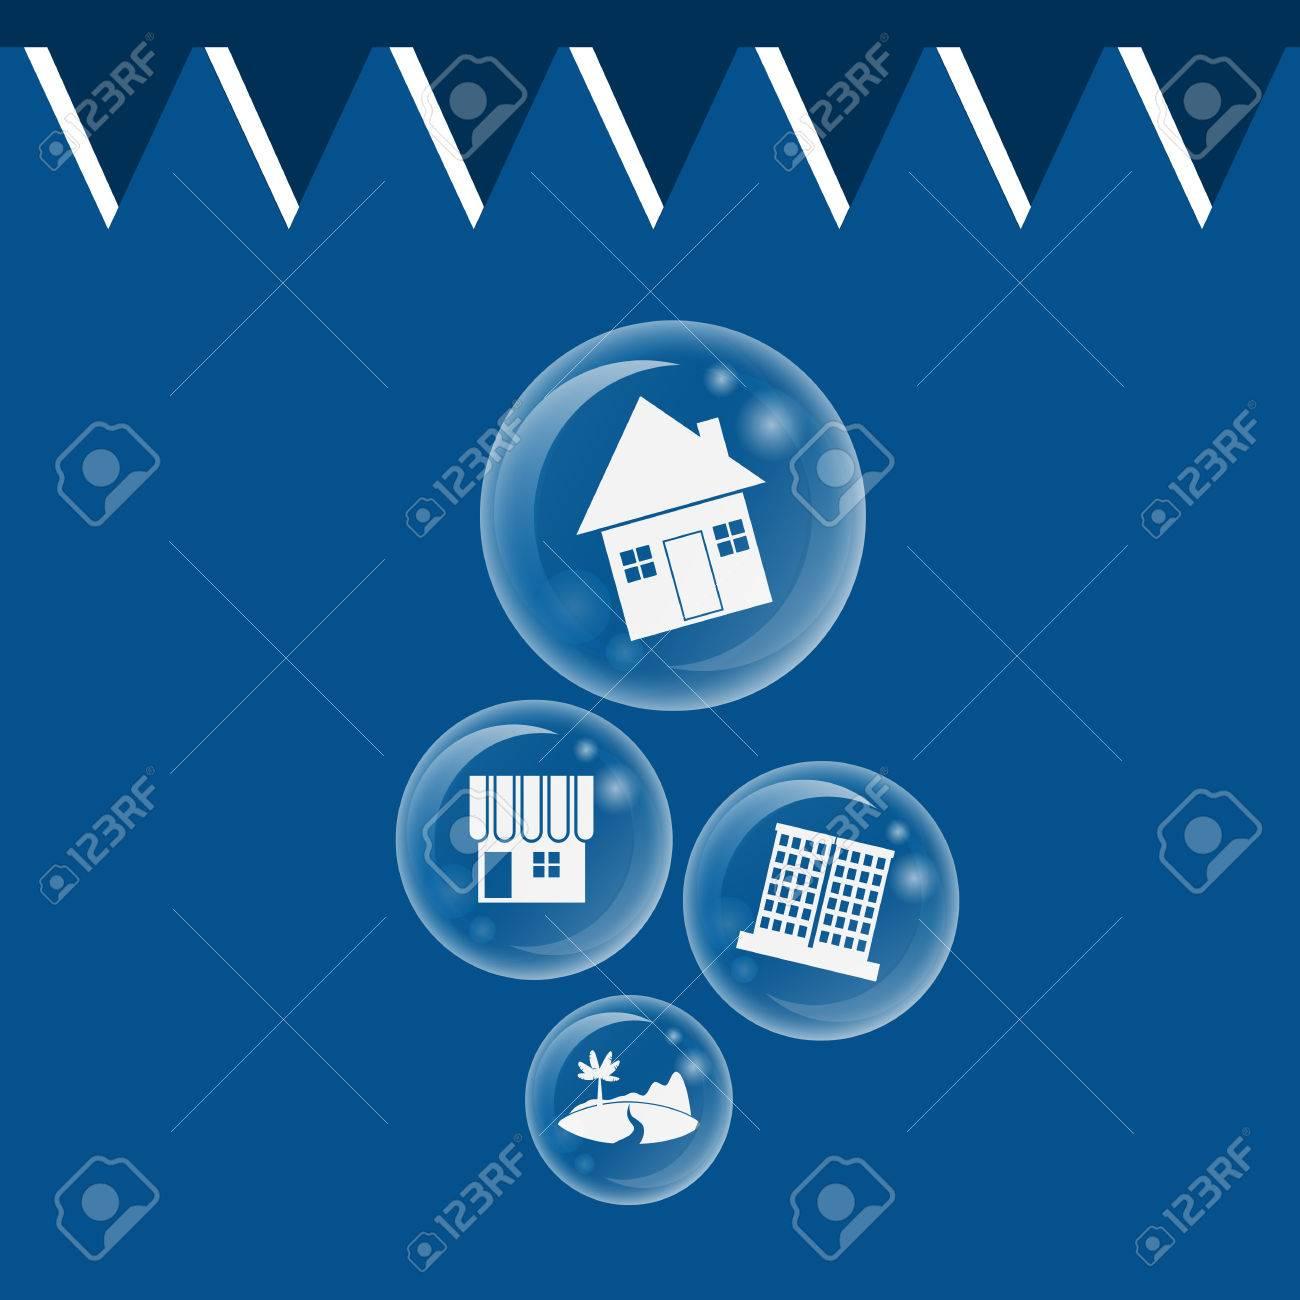 real estate bubble burst for Economic Bubble concept